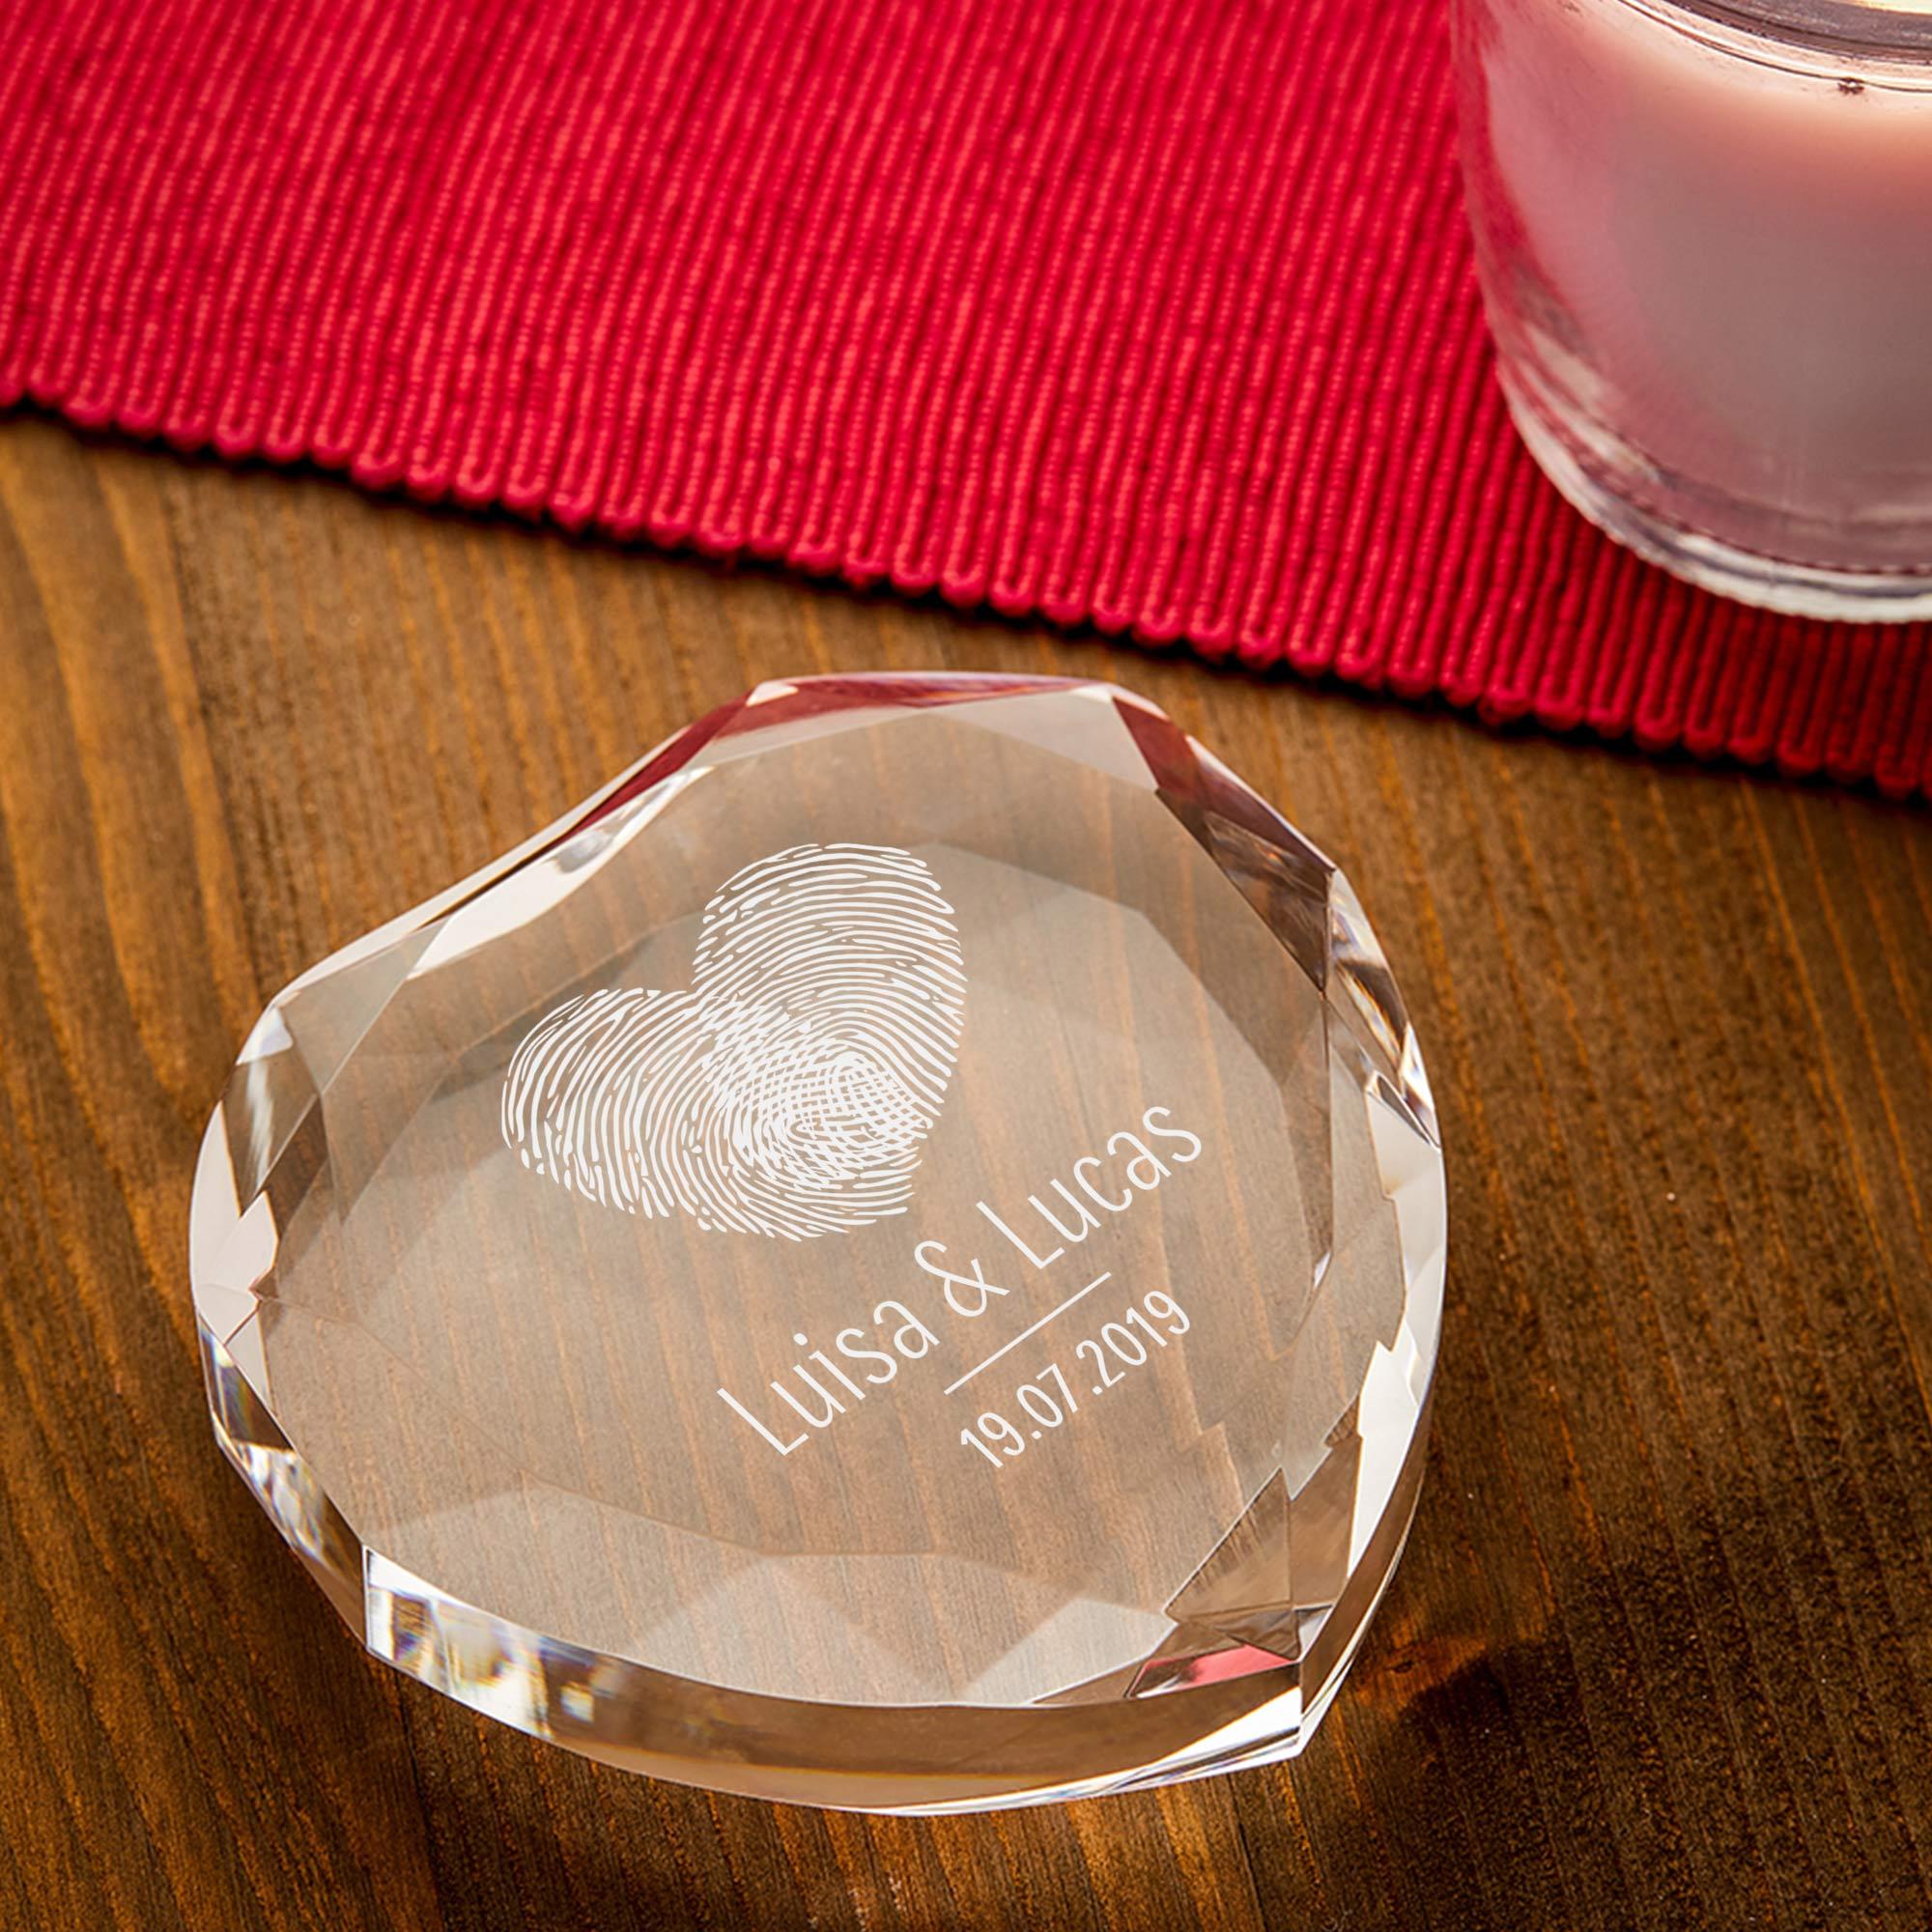 Herzkristall mit Gravur - Fingerabdruck Herz - Personalisiert